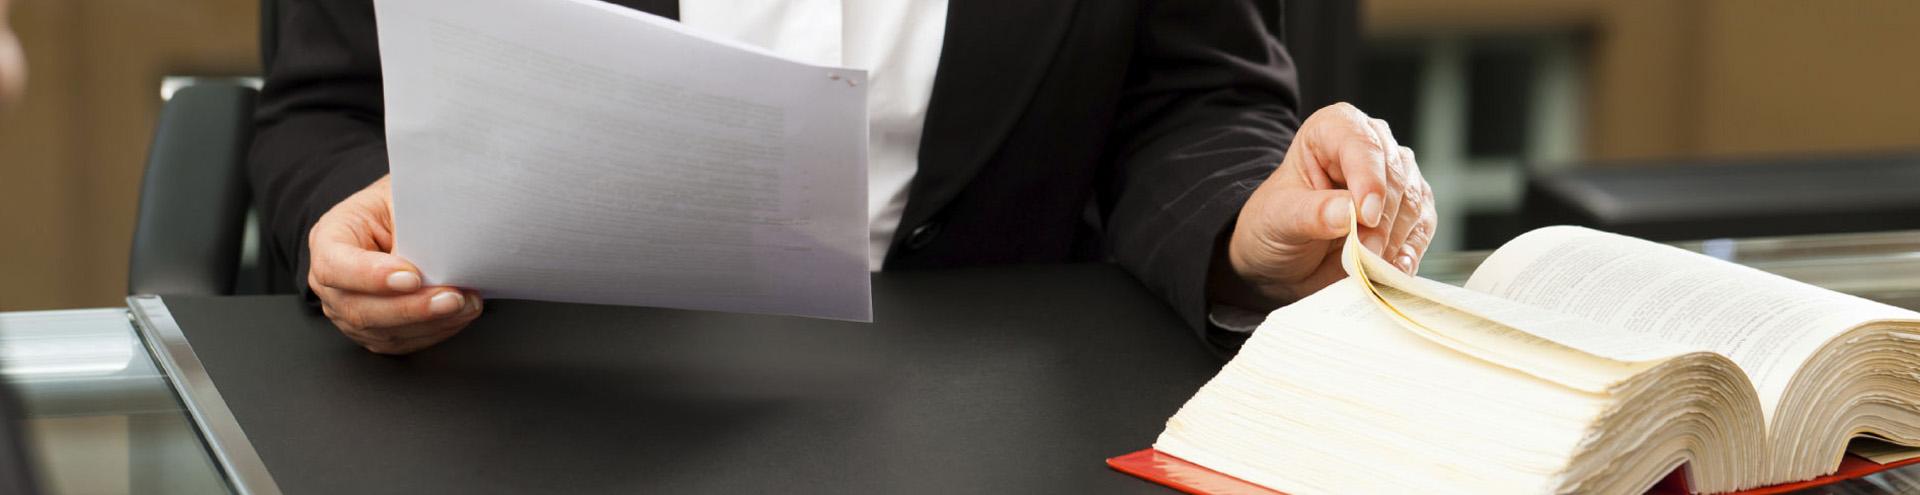 Касационное обжалование решения арбитражного суда в Калуге